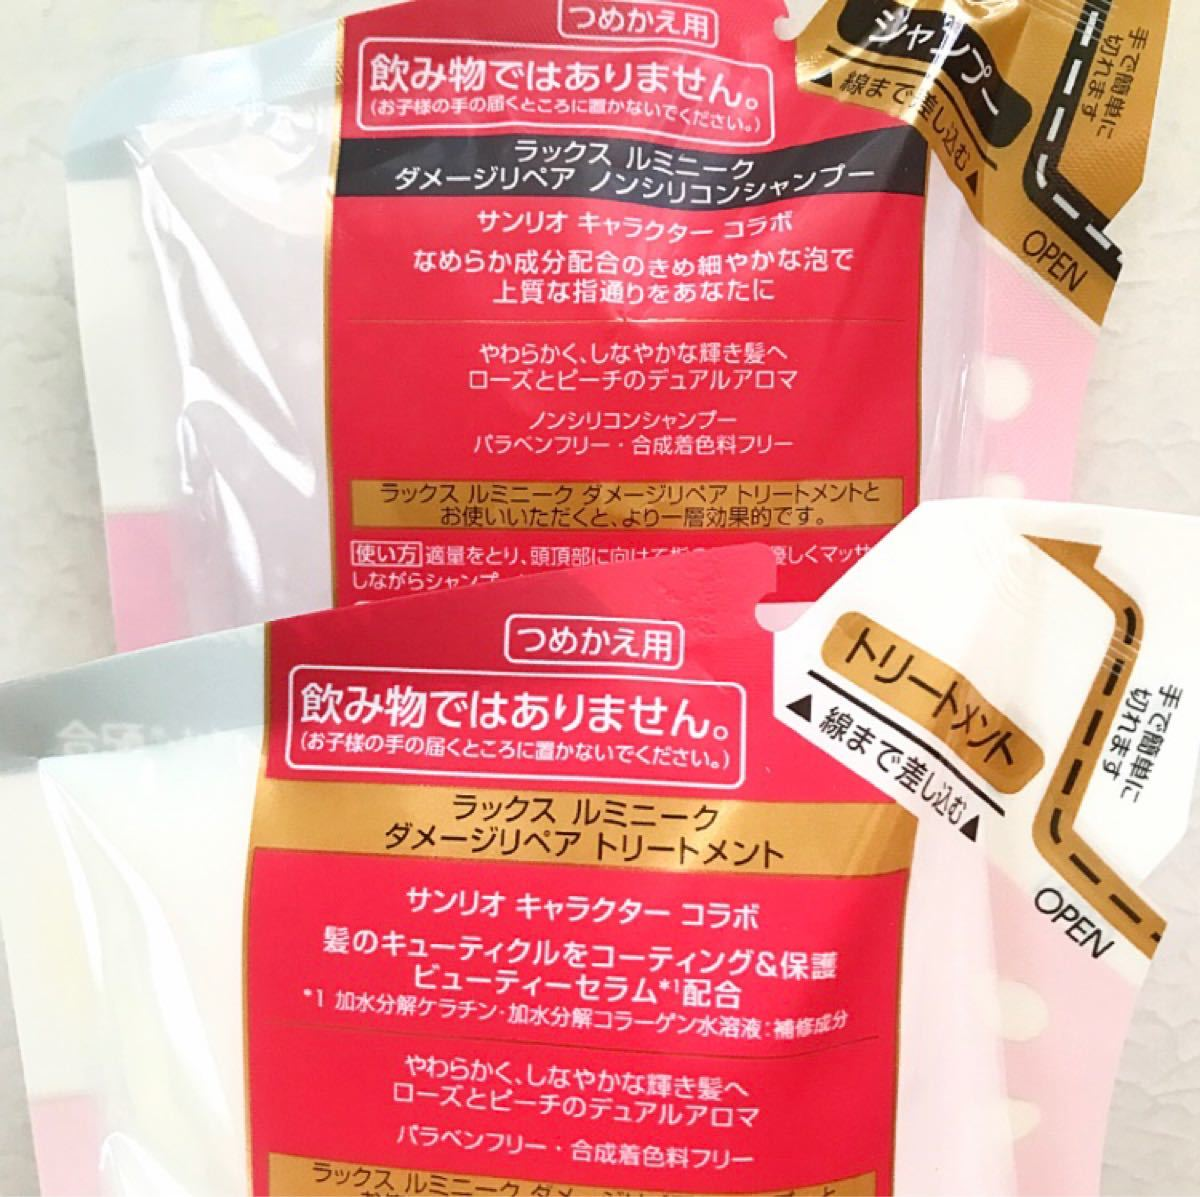 新品■ラックス ルミニーク ダメージリペア シャンプー&トリートメントセット